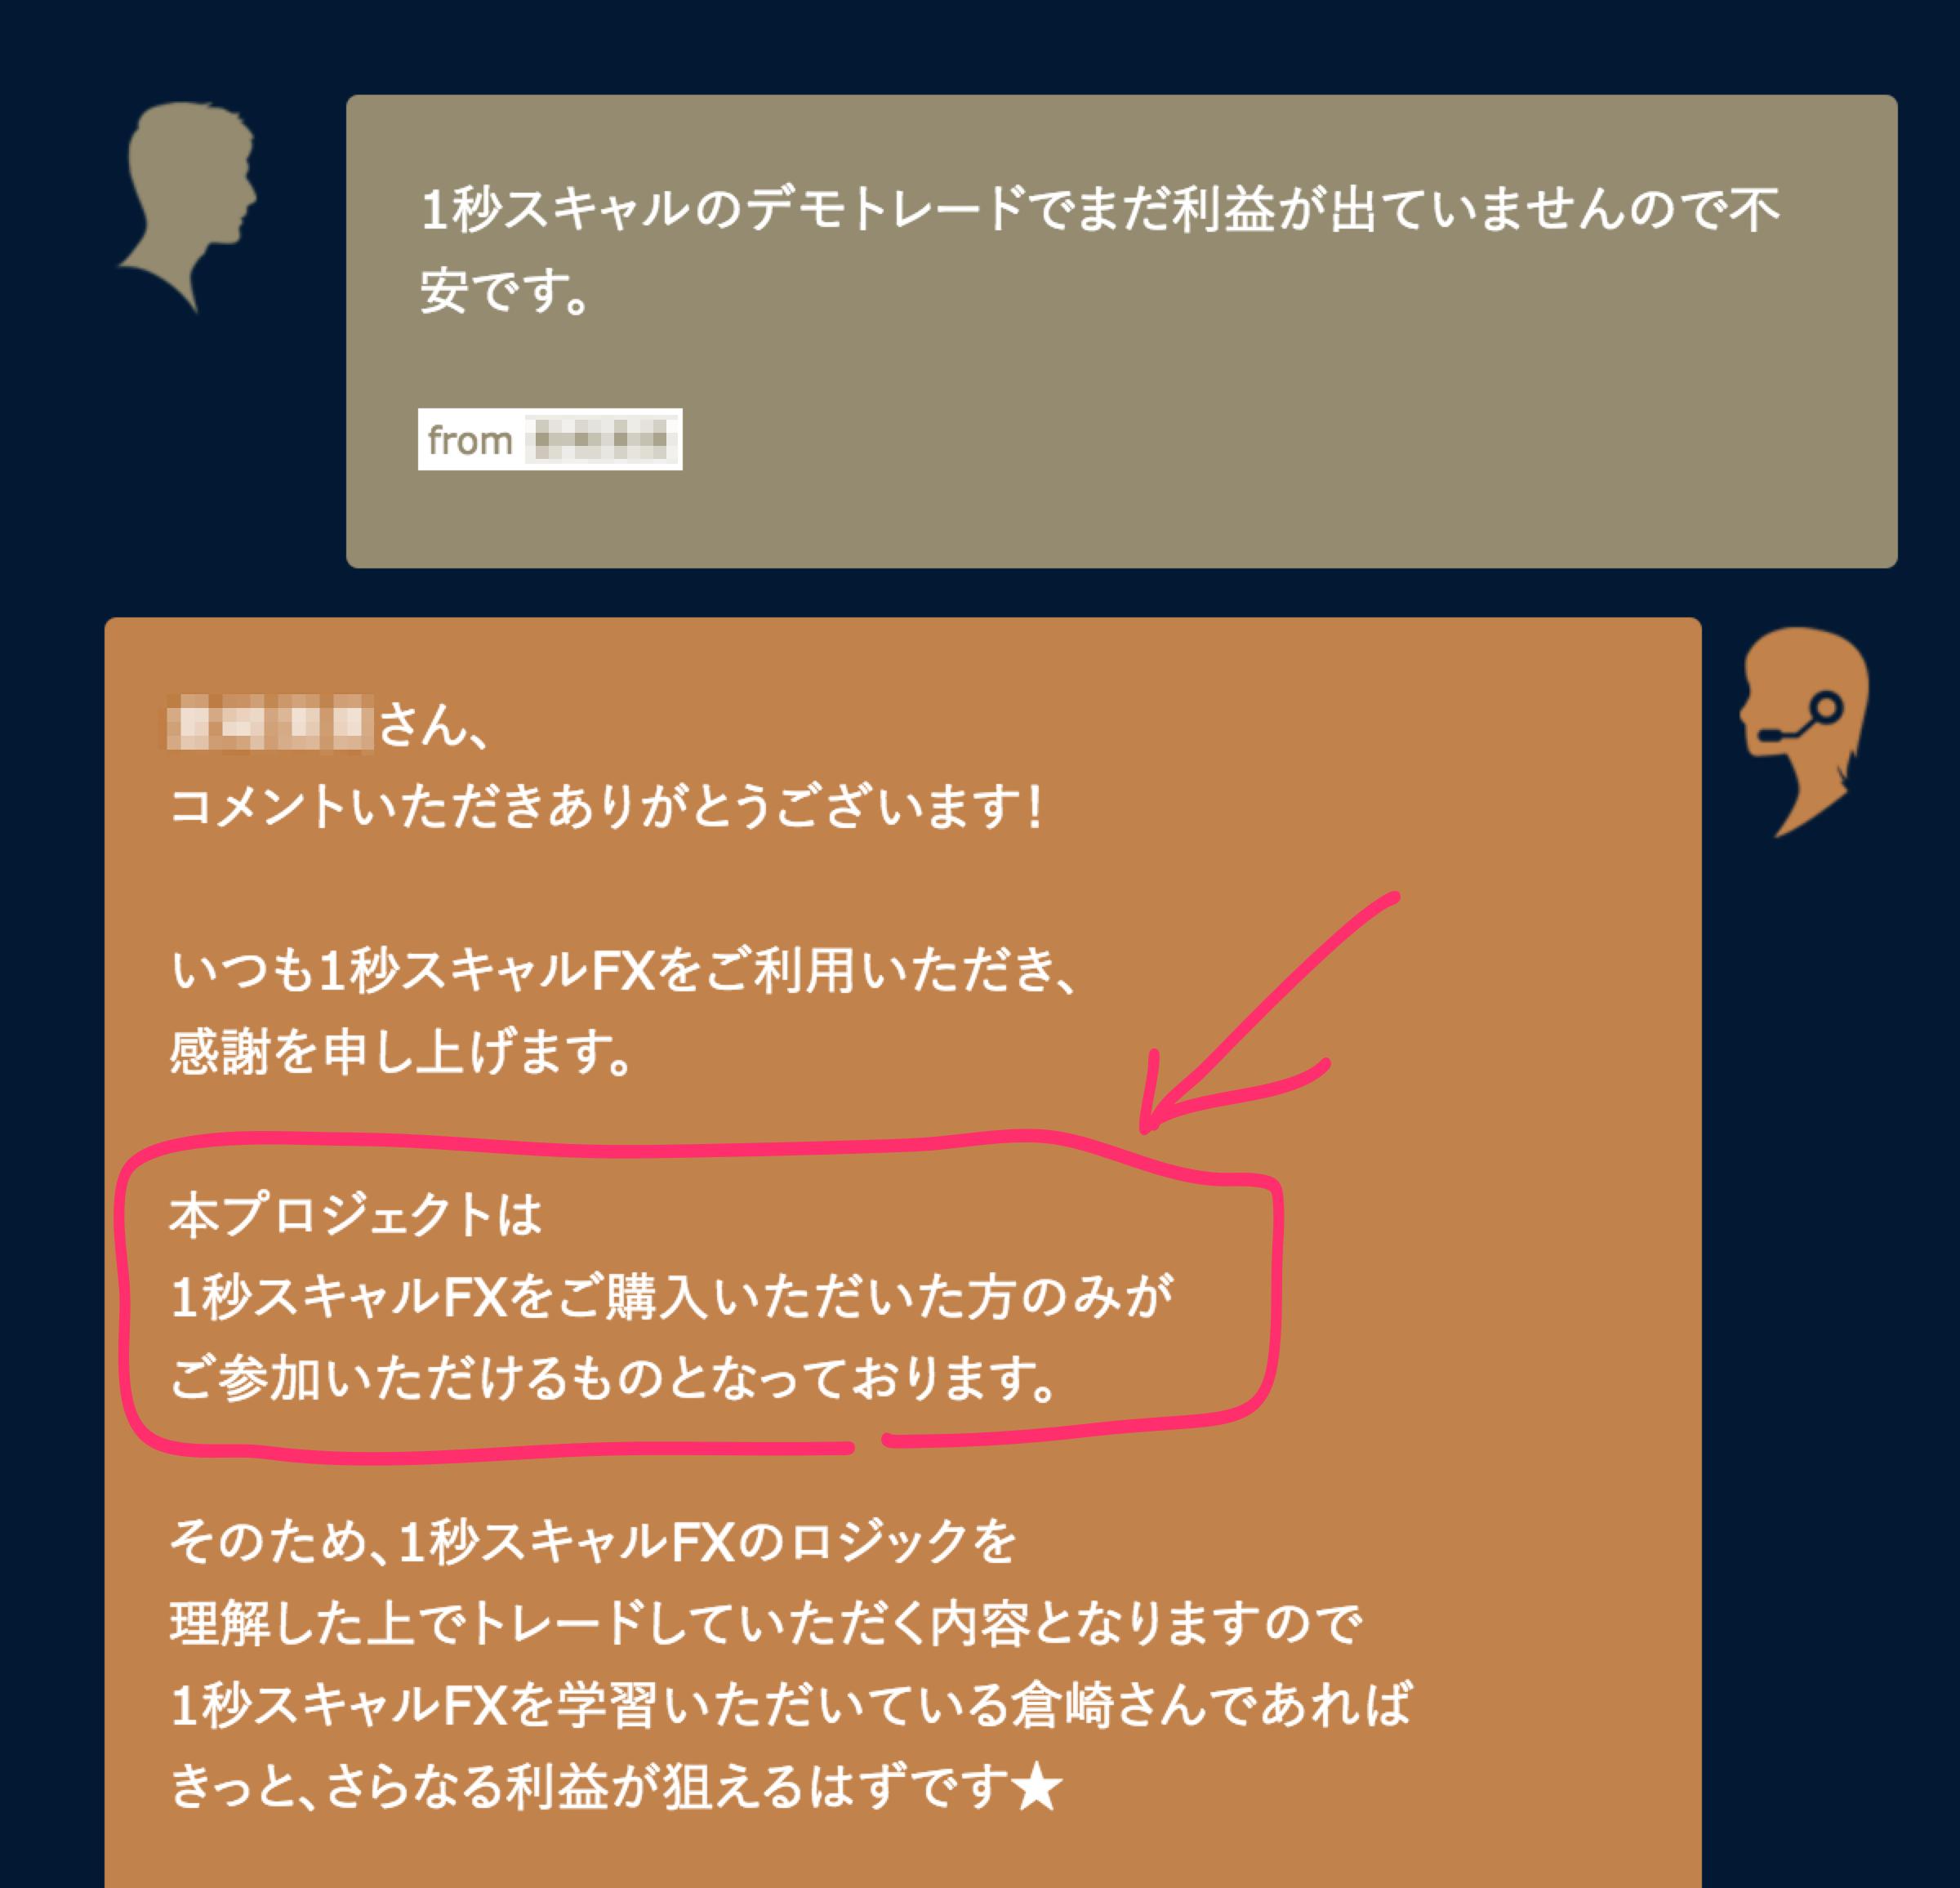 1秒スキャルFX 5-Star アカデミー第1話コメントと事務局からの回答